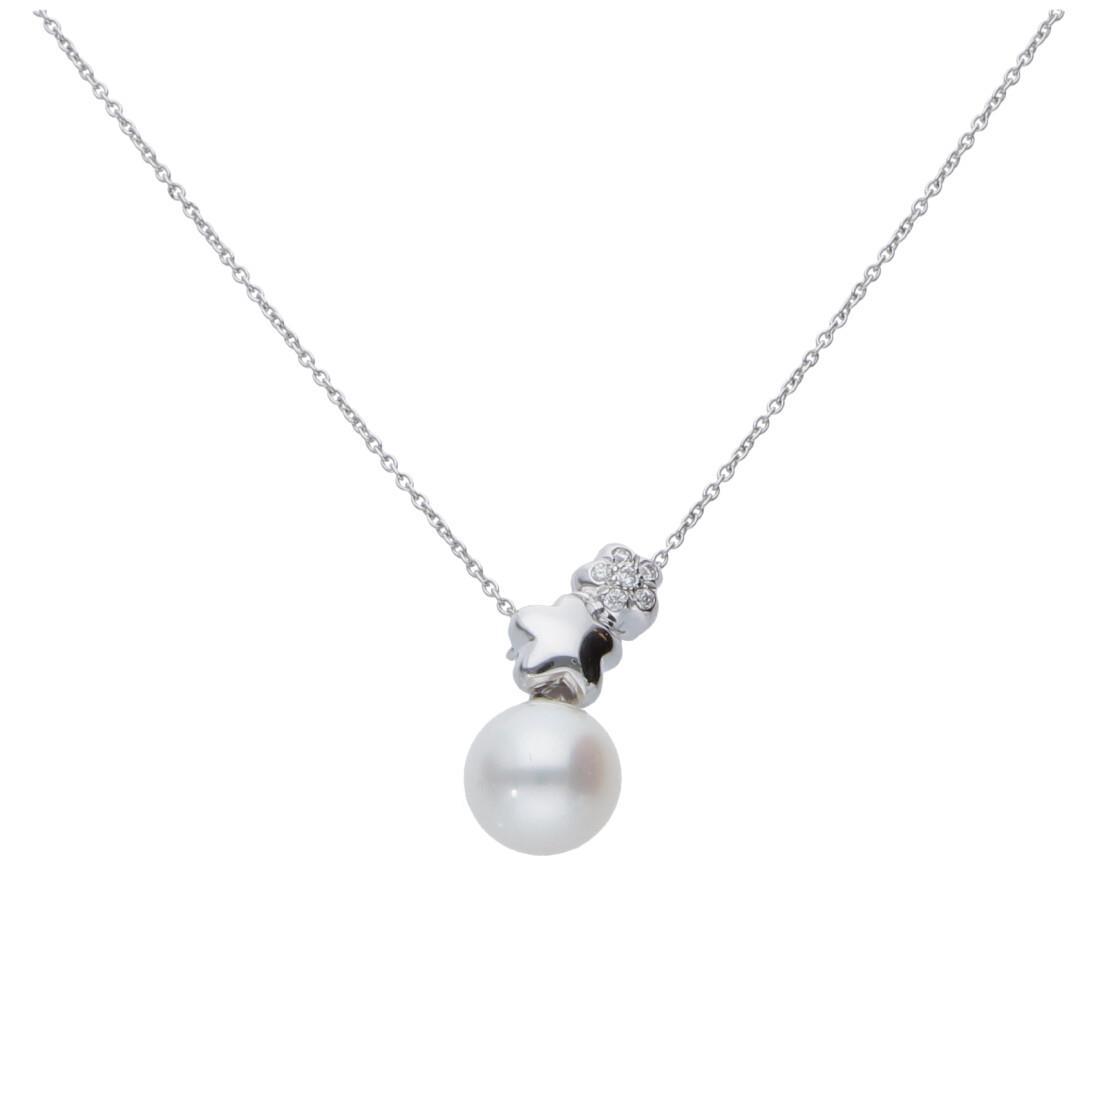 Collier in oro 18kt con perla e diamanti - BLISS